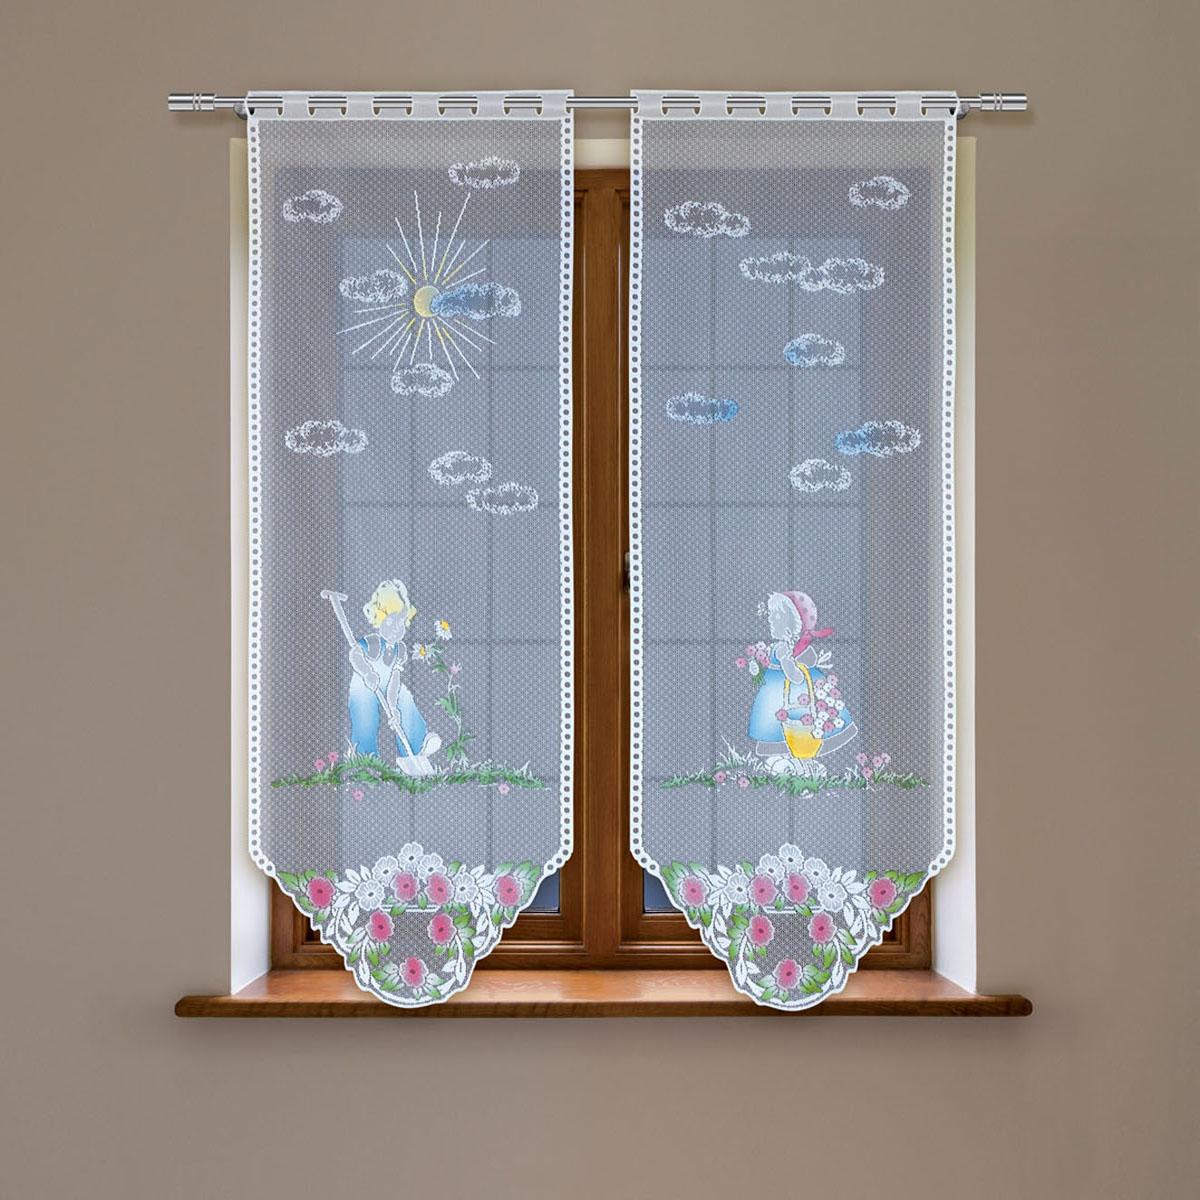 Гардина Haft, цвет: белый, высота 120 см. 4244D/604244D/60Гардина имеет в верхней части полотна прорези, через которые гардина-витраж вывешивается на карниз или можно крепить на зажим для штор,котрый в комплект не входит.Комплект состоит из двух полотен (выс.120* шир.60) Размеры: (высота 120* ширина 60)*2